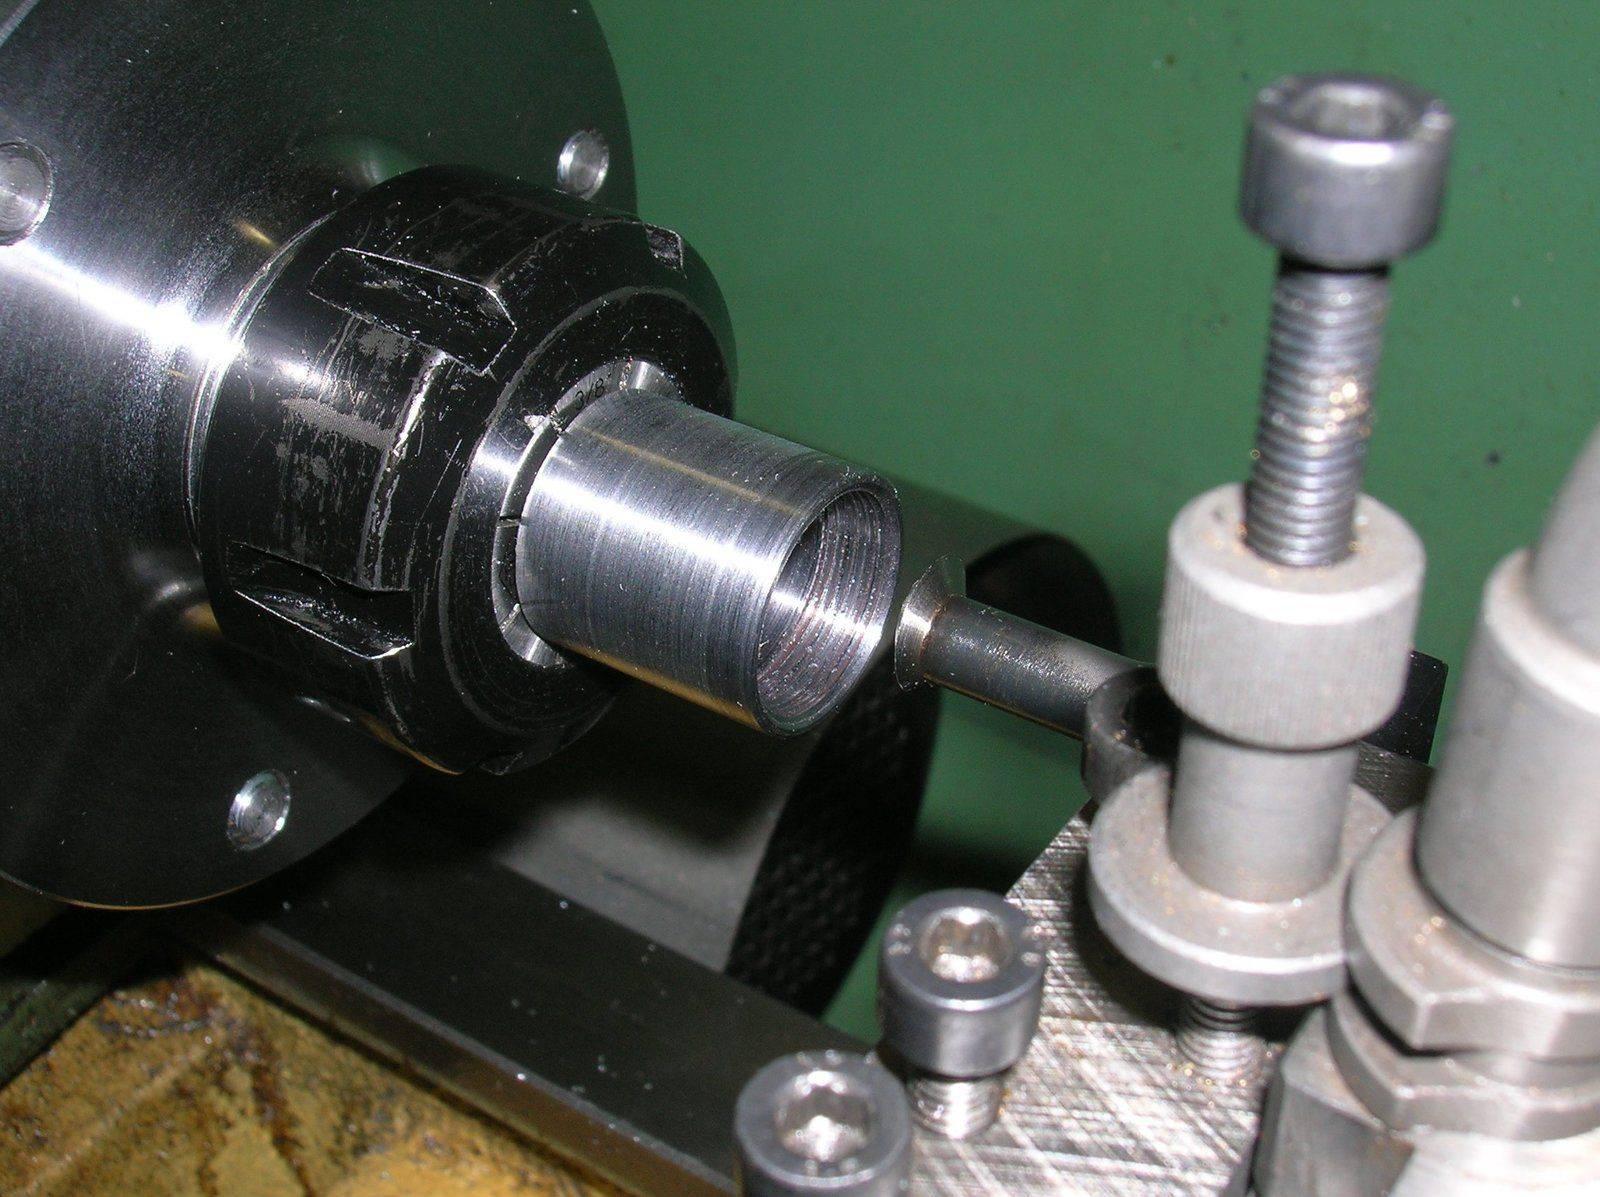 DSCN3806.JPG